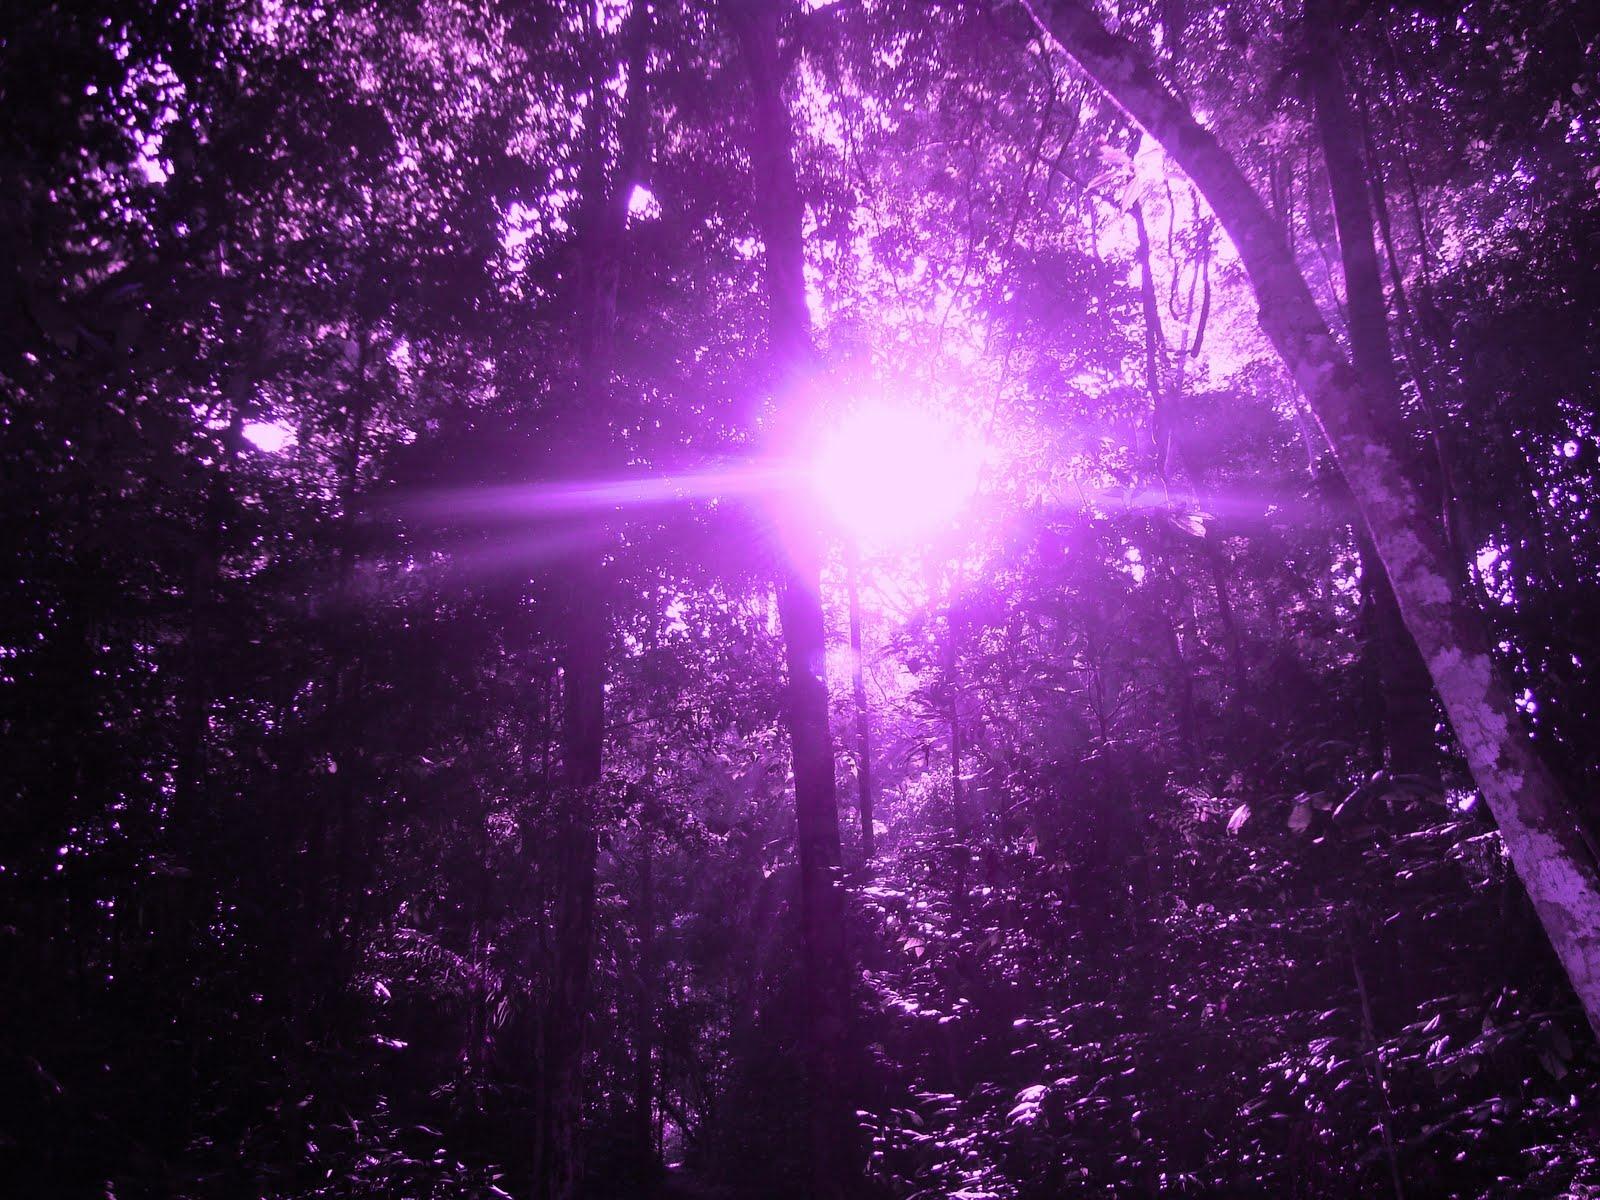 mandala de fogo a violeta chama aspire e emane fátima melissss